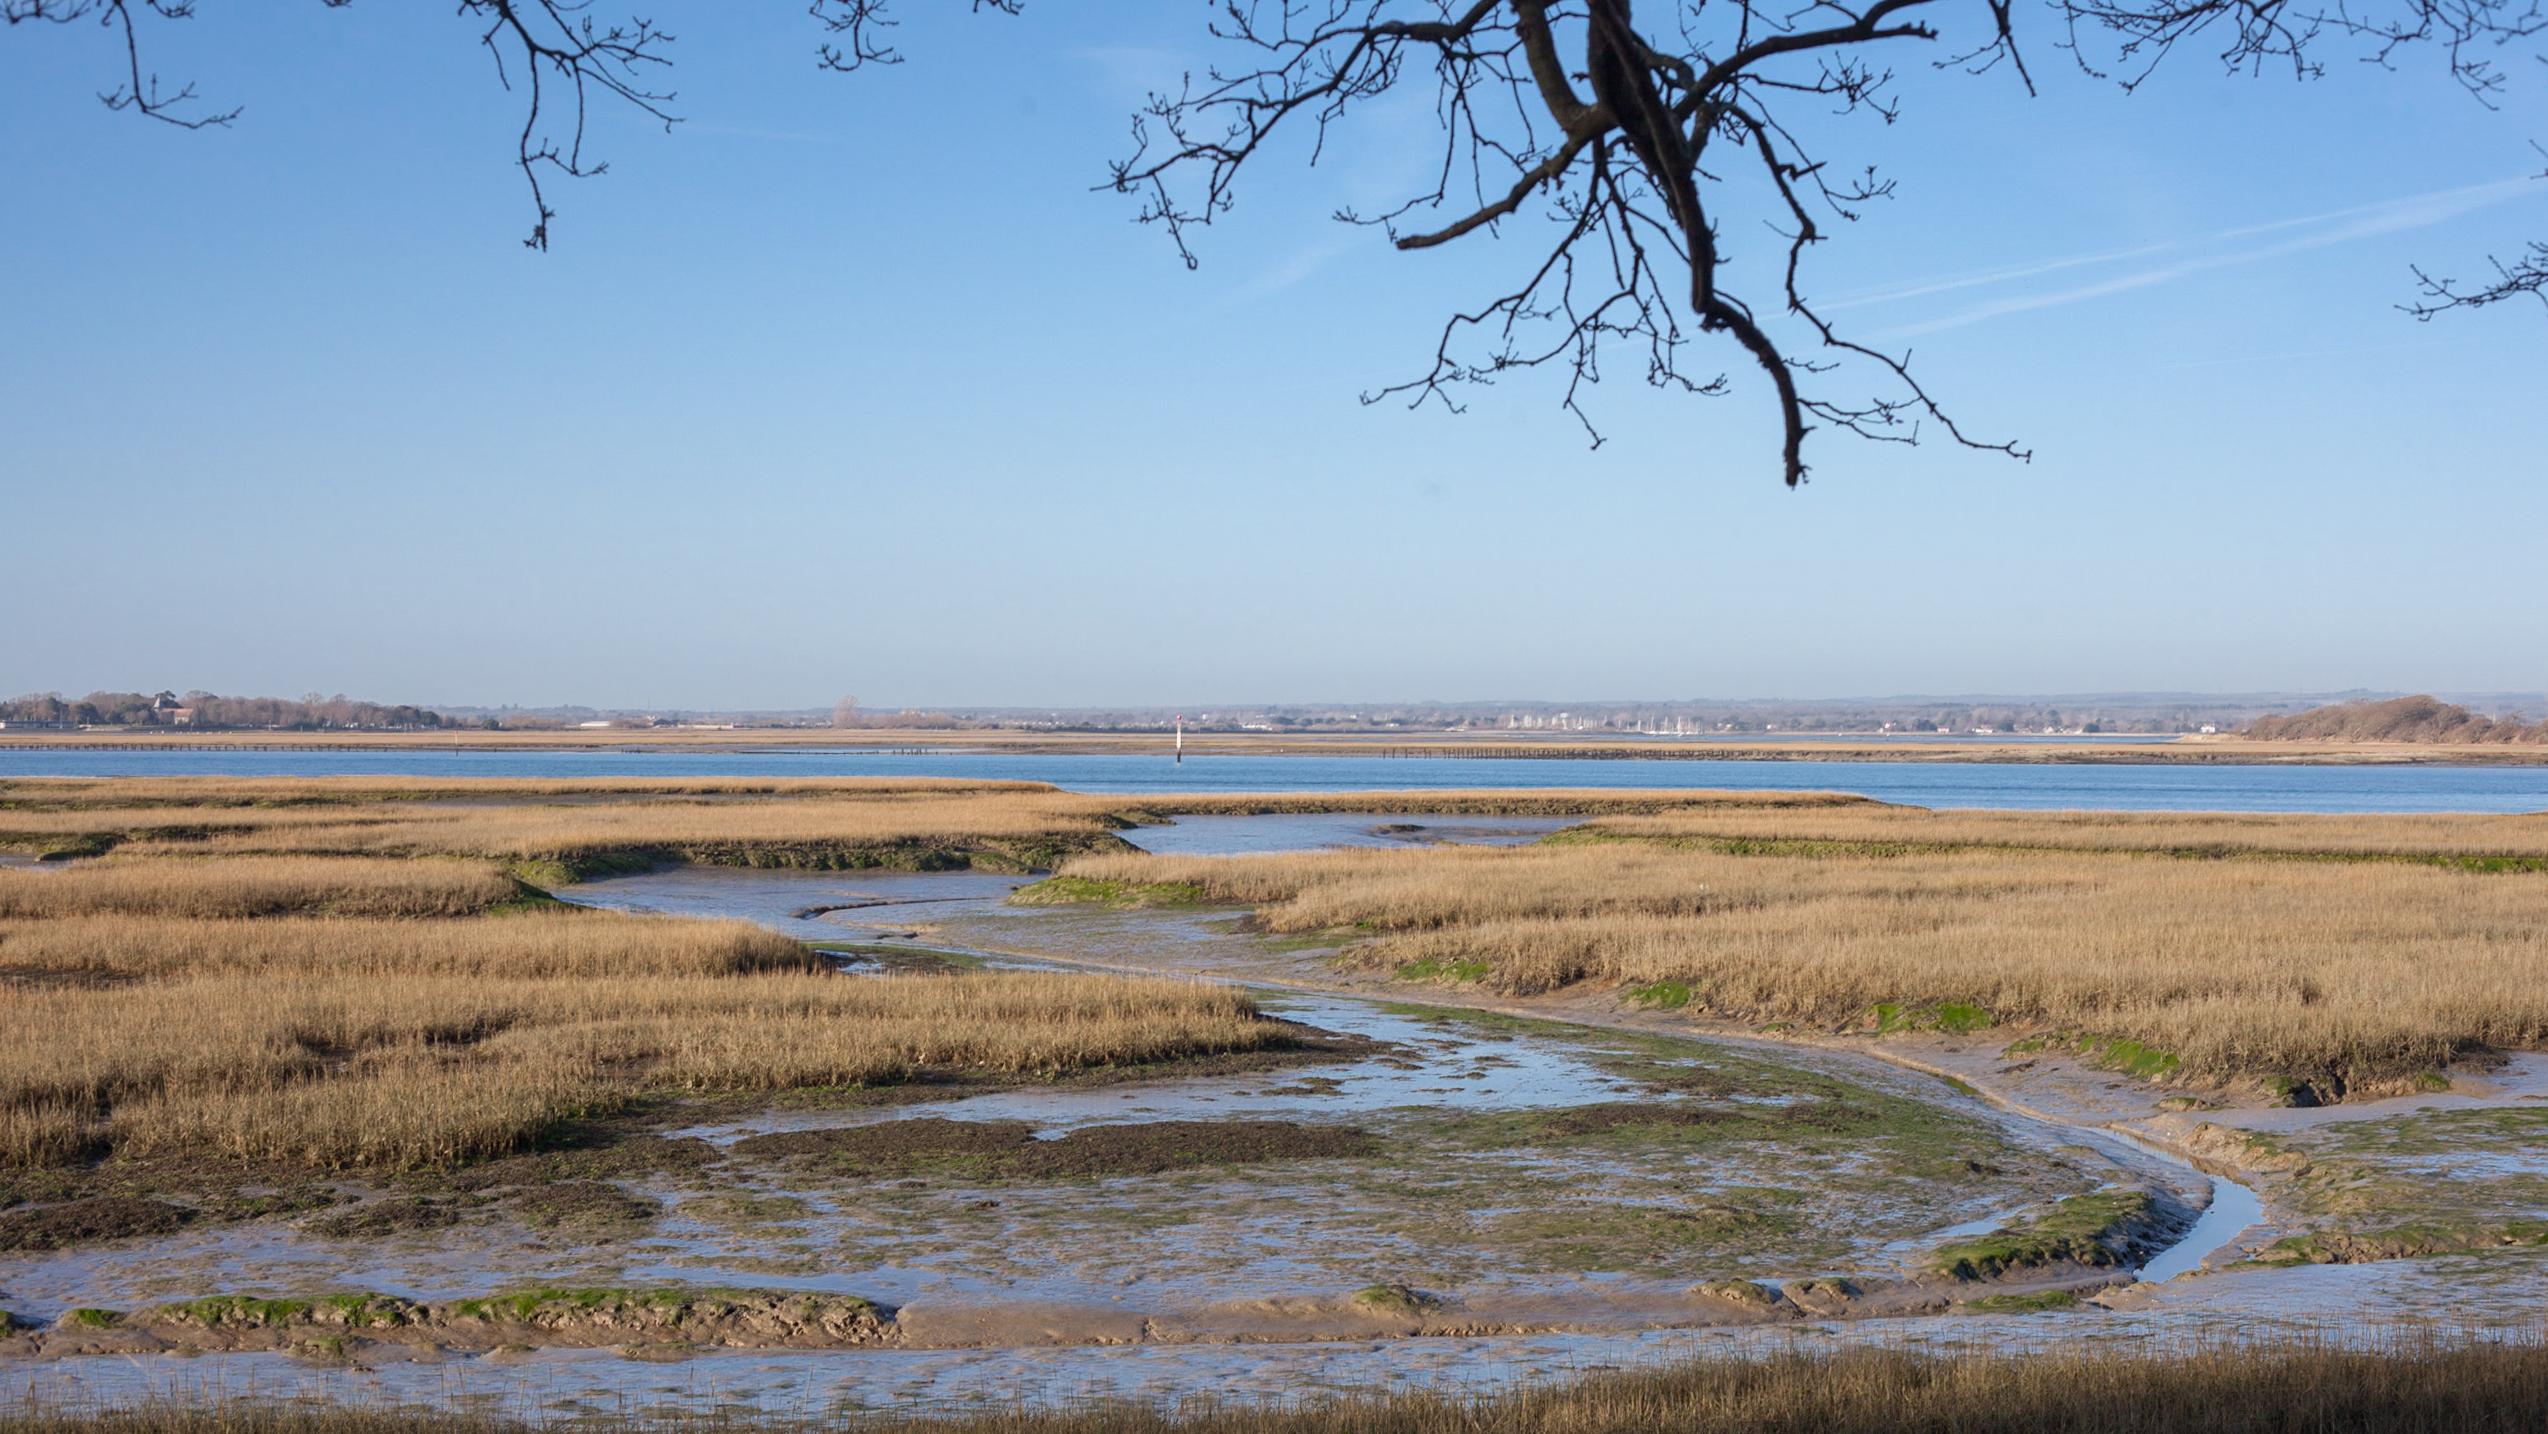 Low tide views